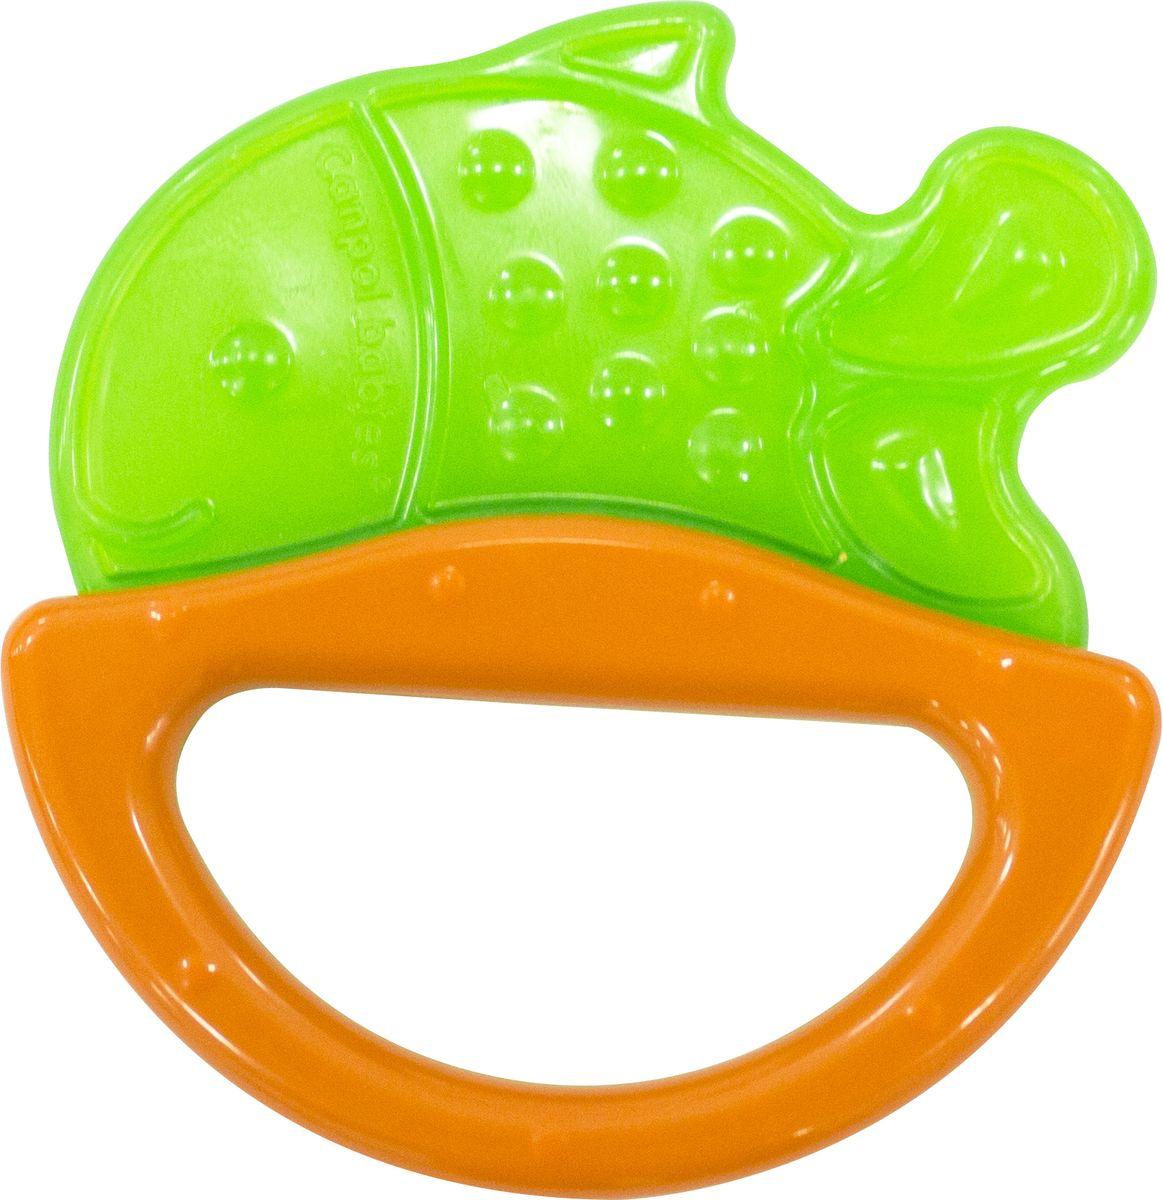 stellar погремушка прорезыватель рыбка цвет красный желтый Canpol Babies Погремушка Рыбка с прорезывателем цвет зеленый